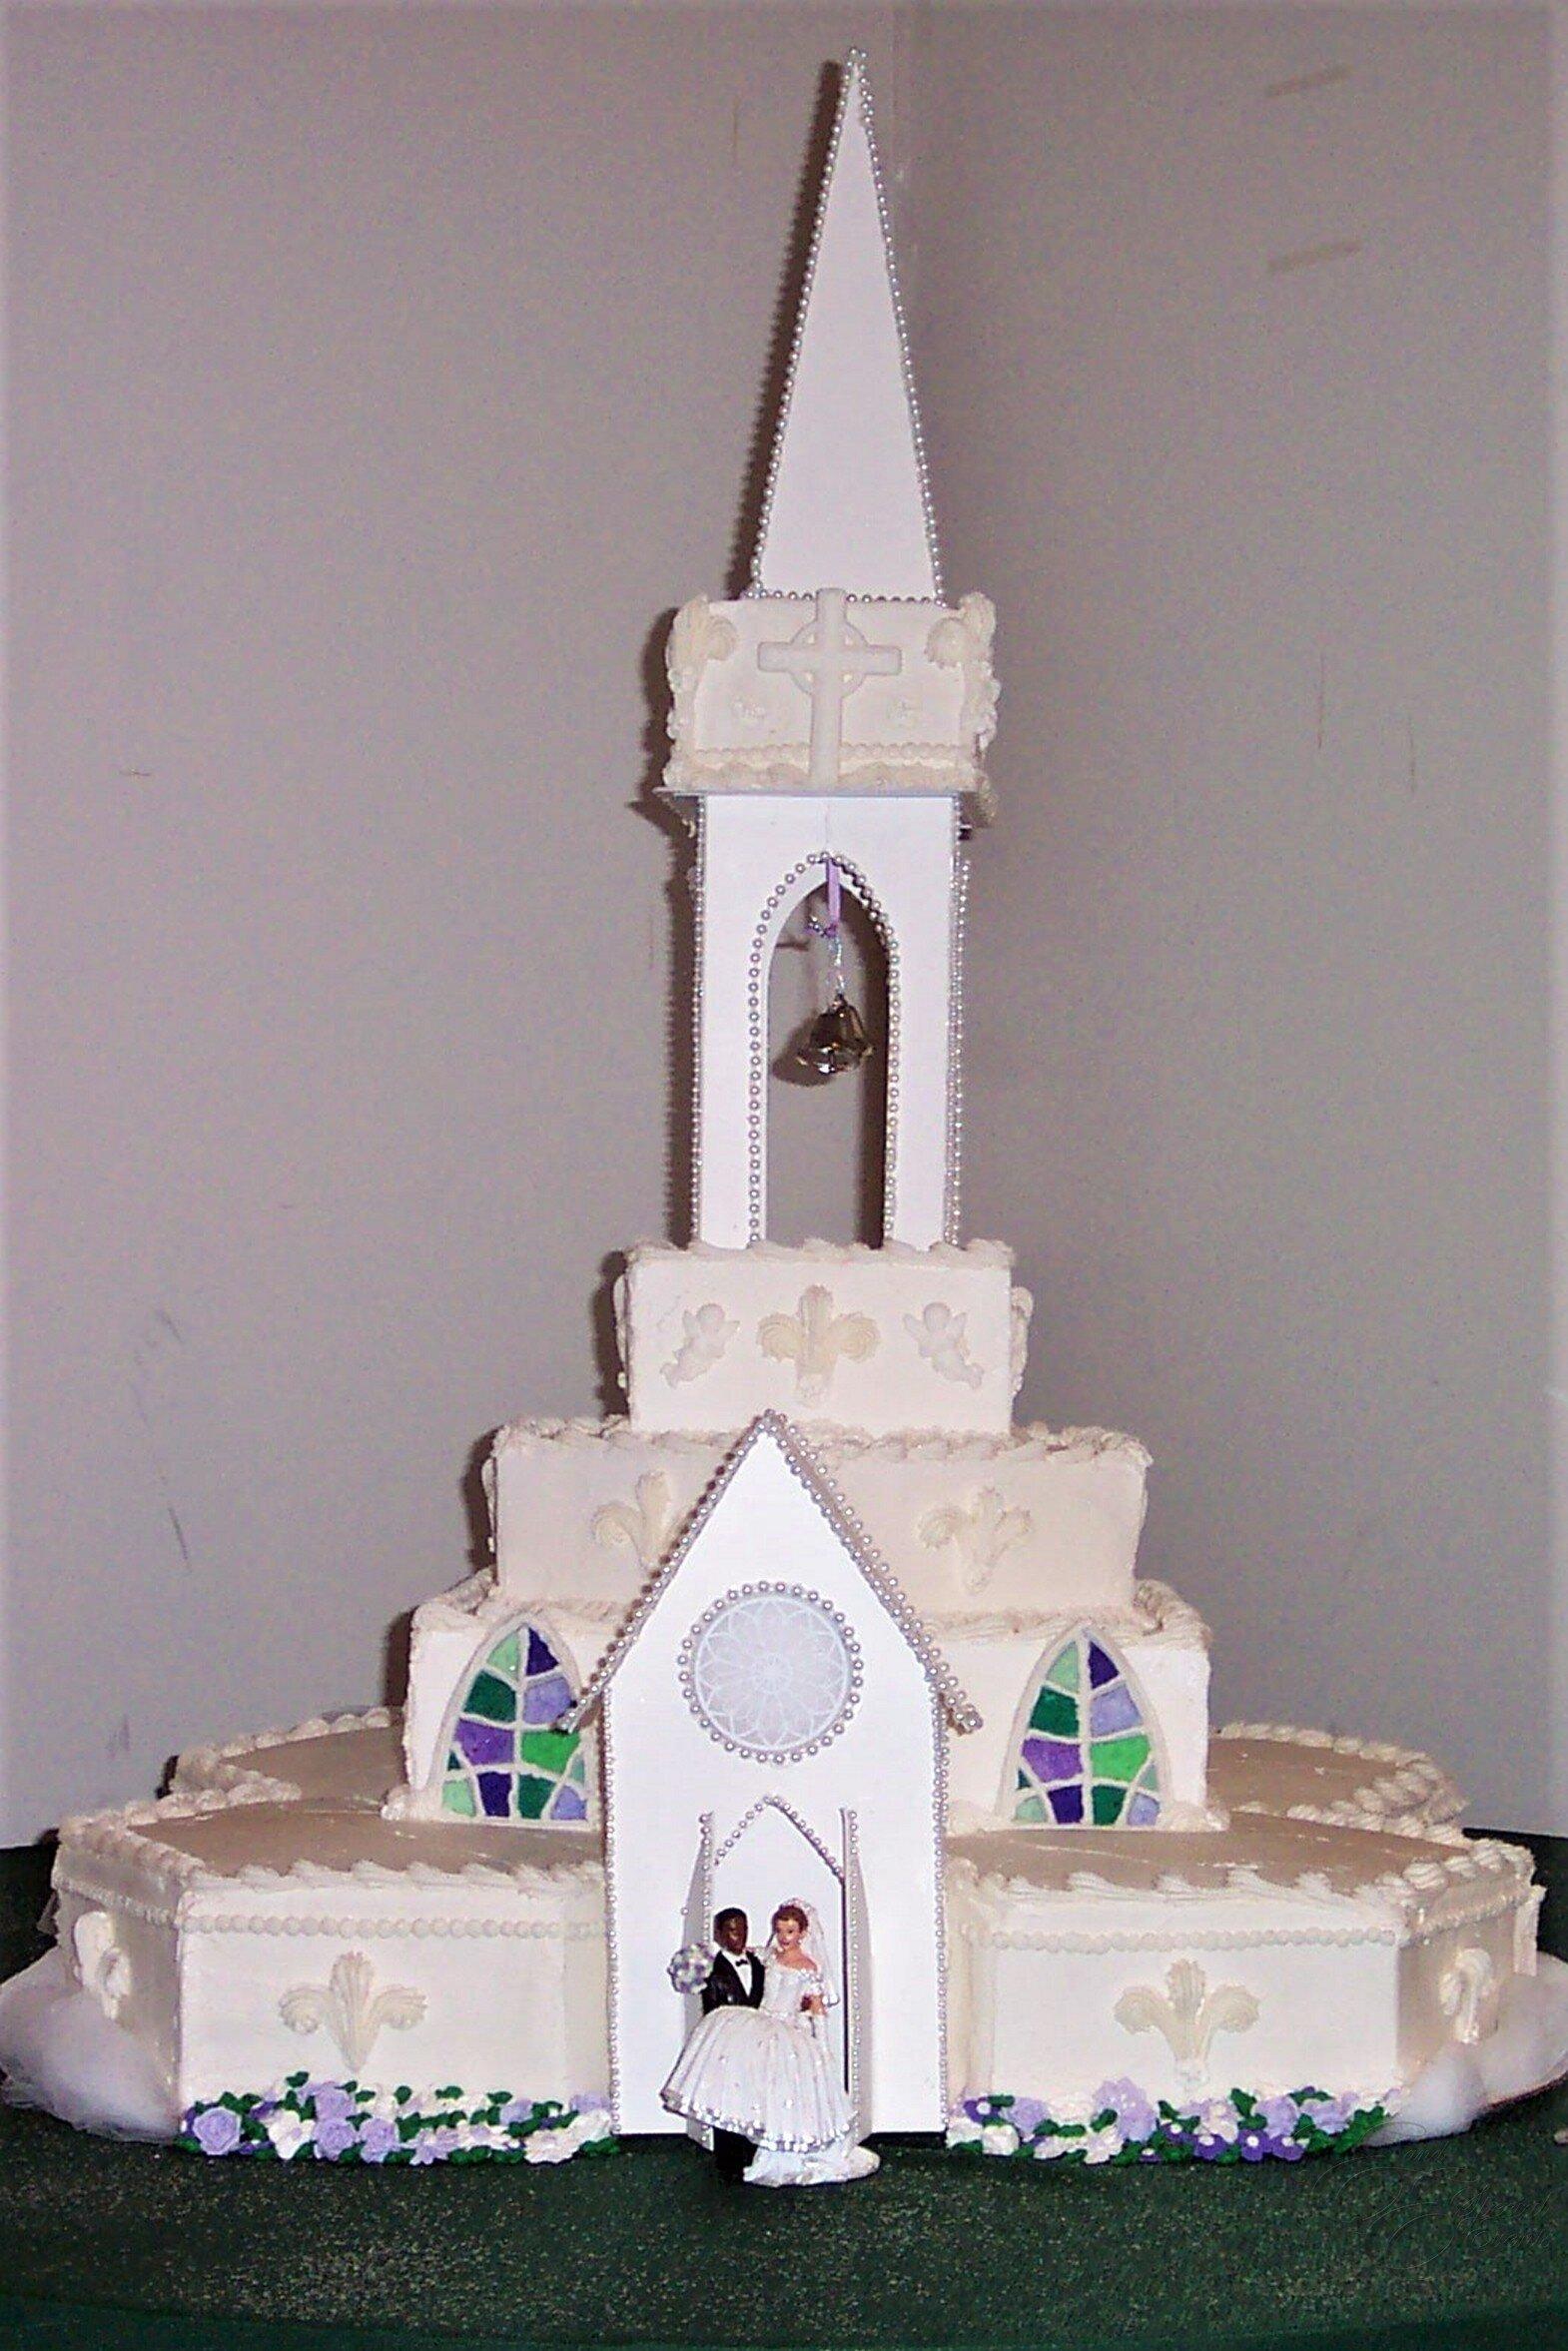 E_E_Special_Events_Unique_Wedding_Cakes_Virginia_Beach_Hampton_Roads71.jpg